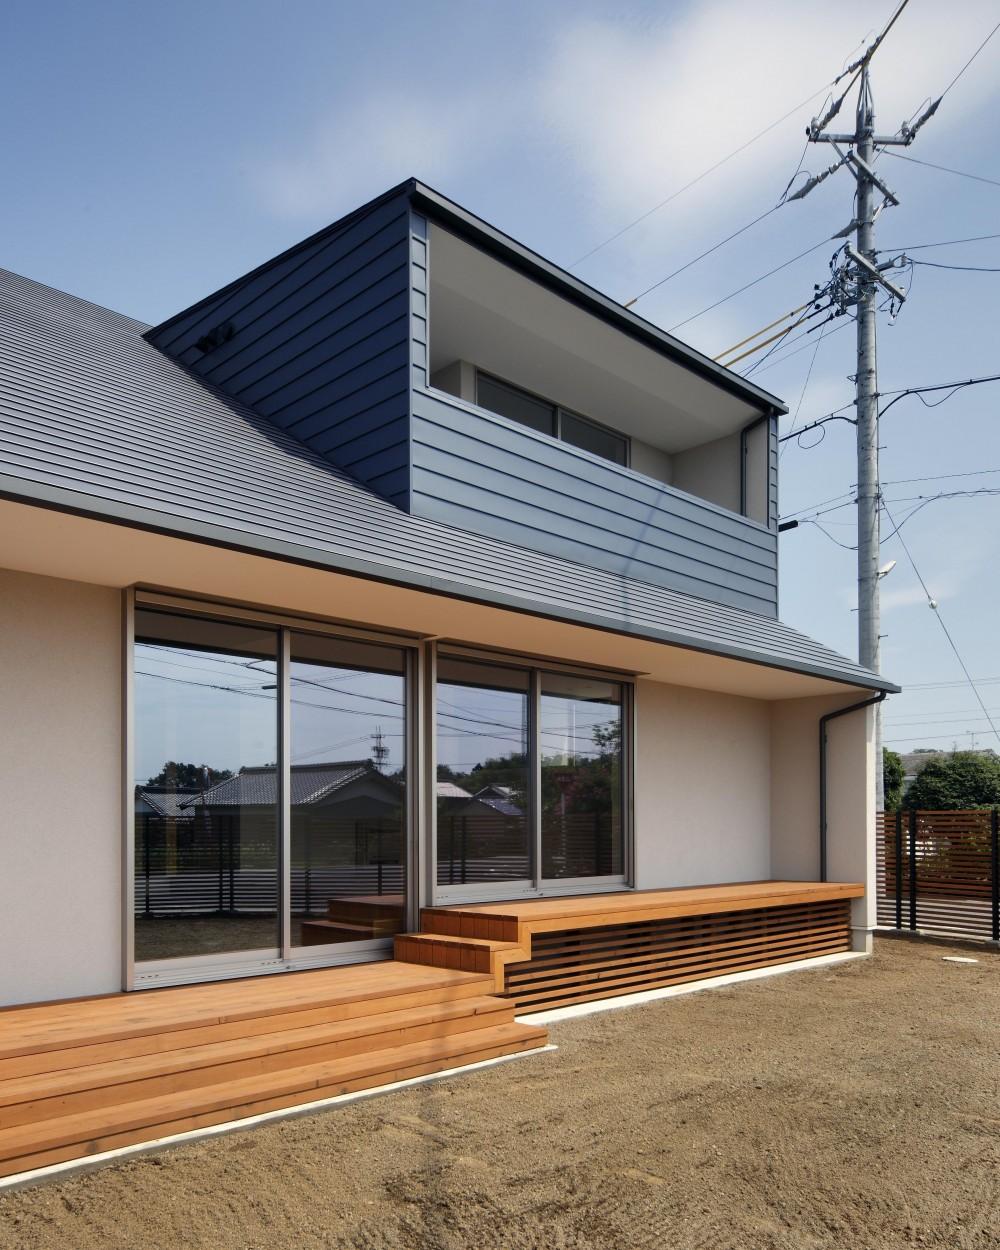 おおきな屋根を楽しむ住まい (勾配屋根がカッコいい、ガルバリウム鋼板横葺きの外観)